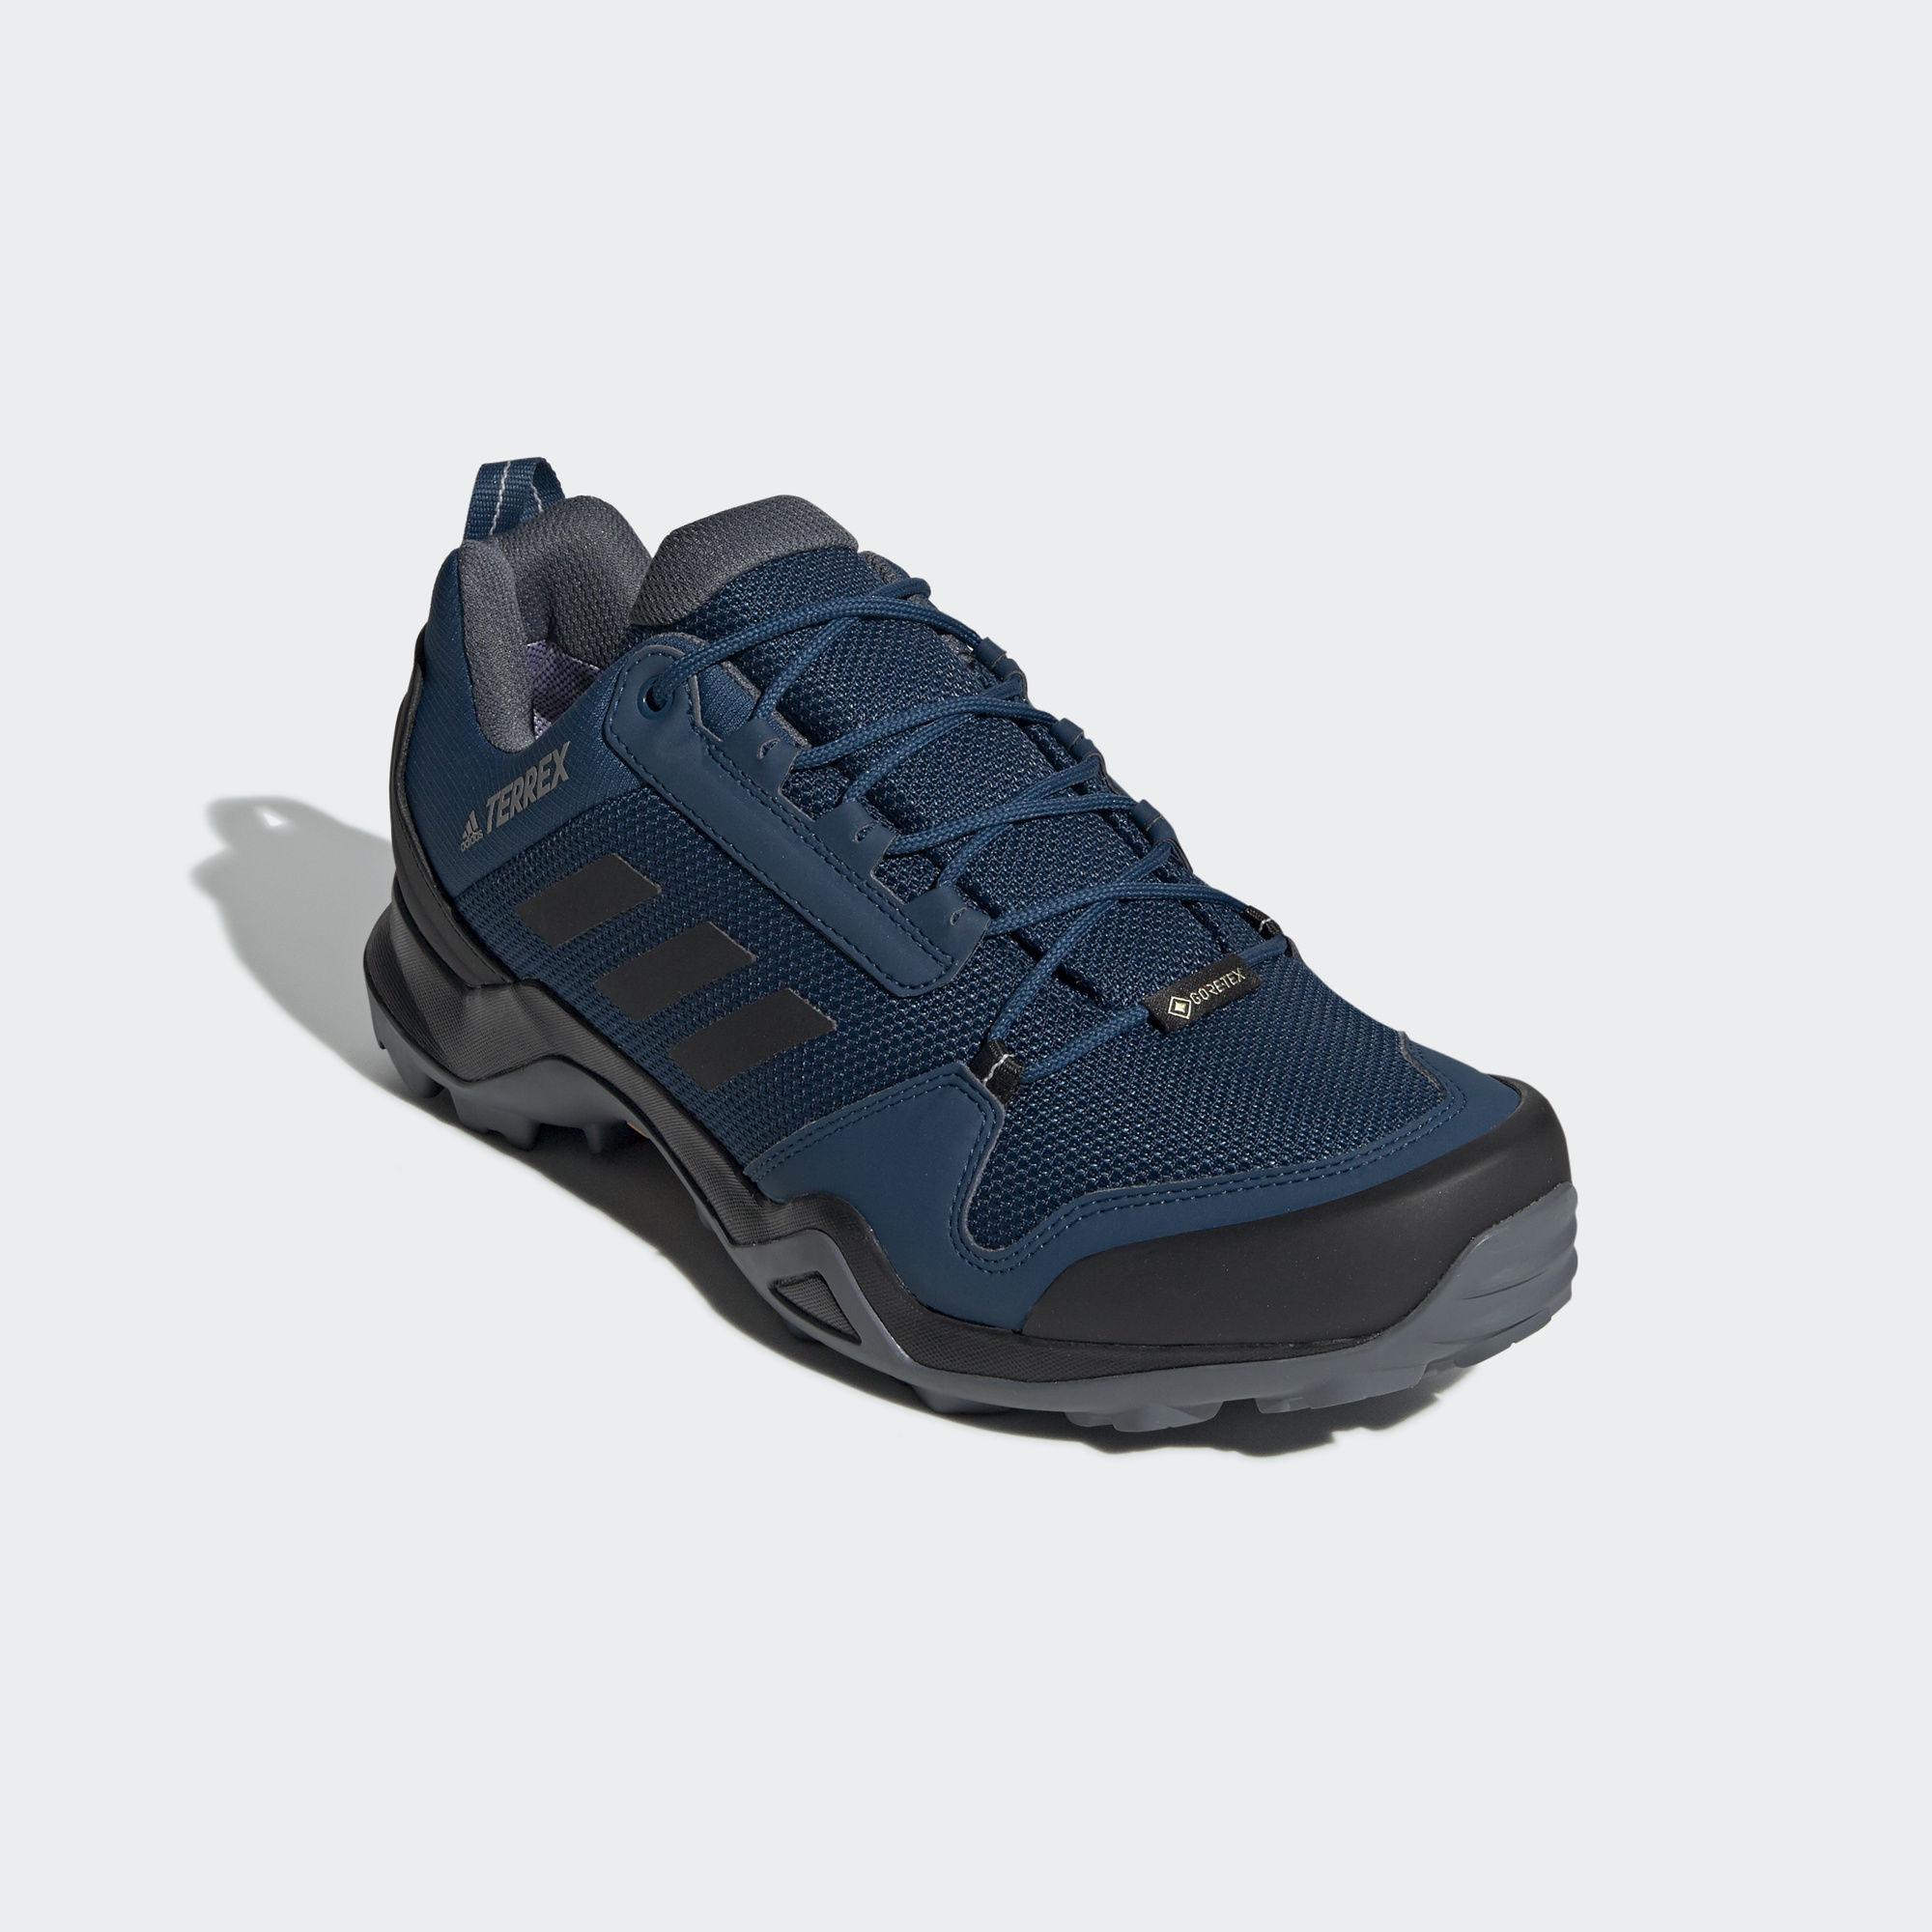 Adidas Wanderschuhe  Herren Legend Marine   Core schwarz   Wanderschuhe Onix im Online Shop von SportScheck kaufen Gute Qualität beliebte Schuhe 629399